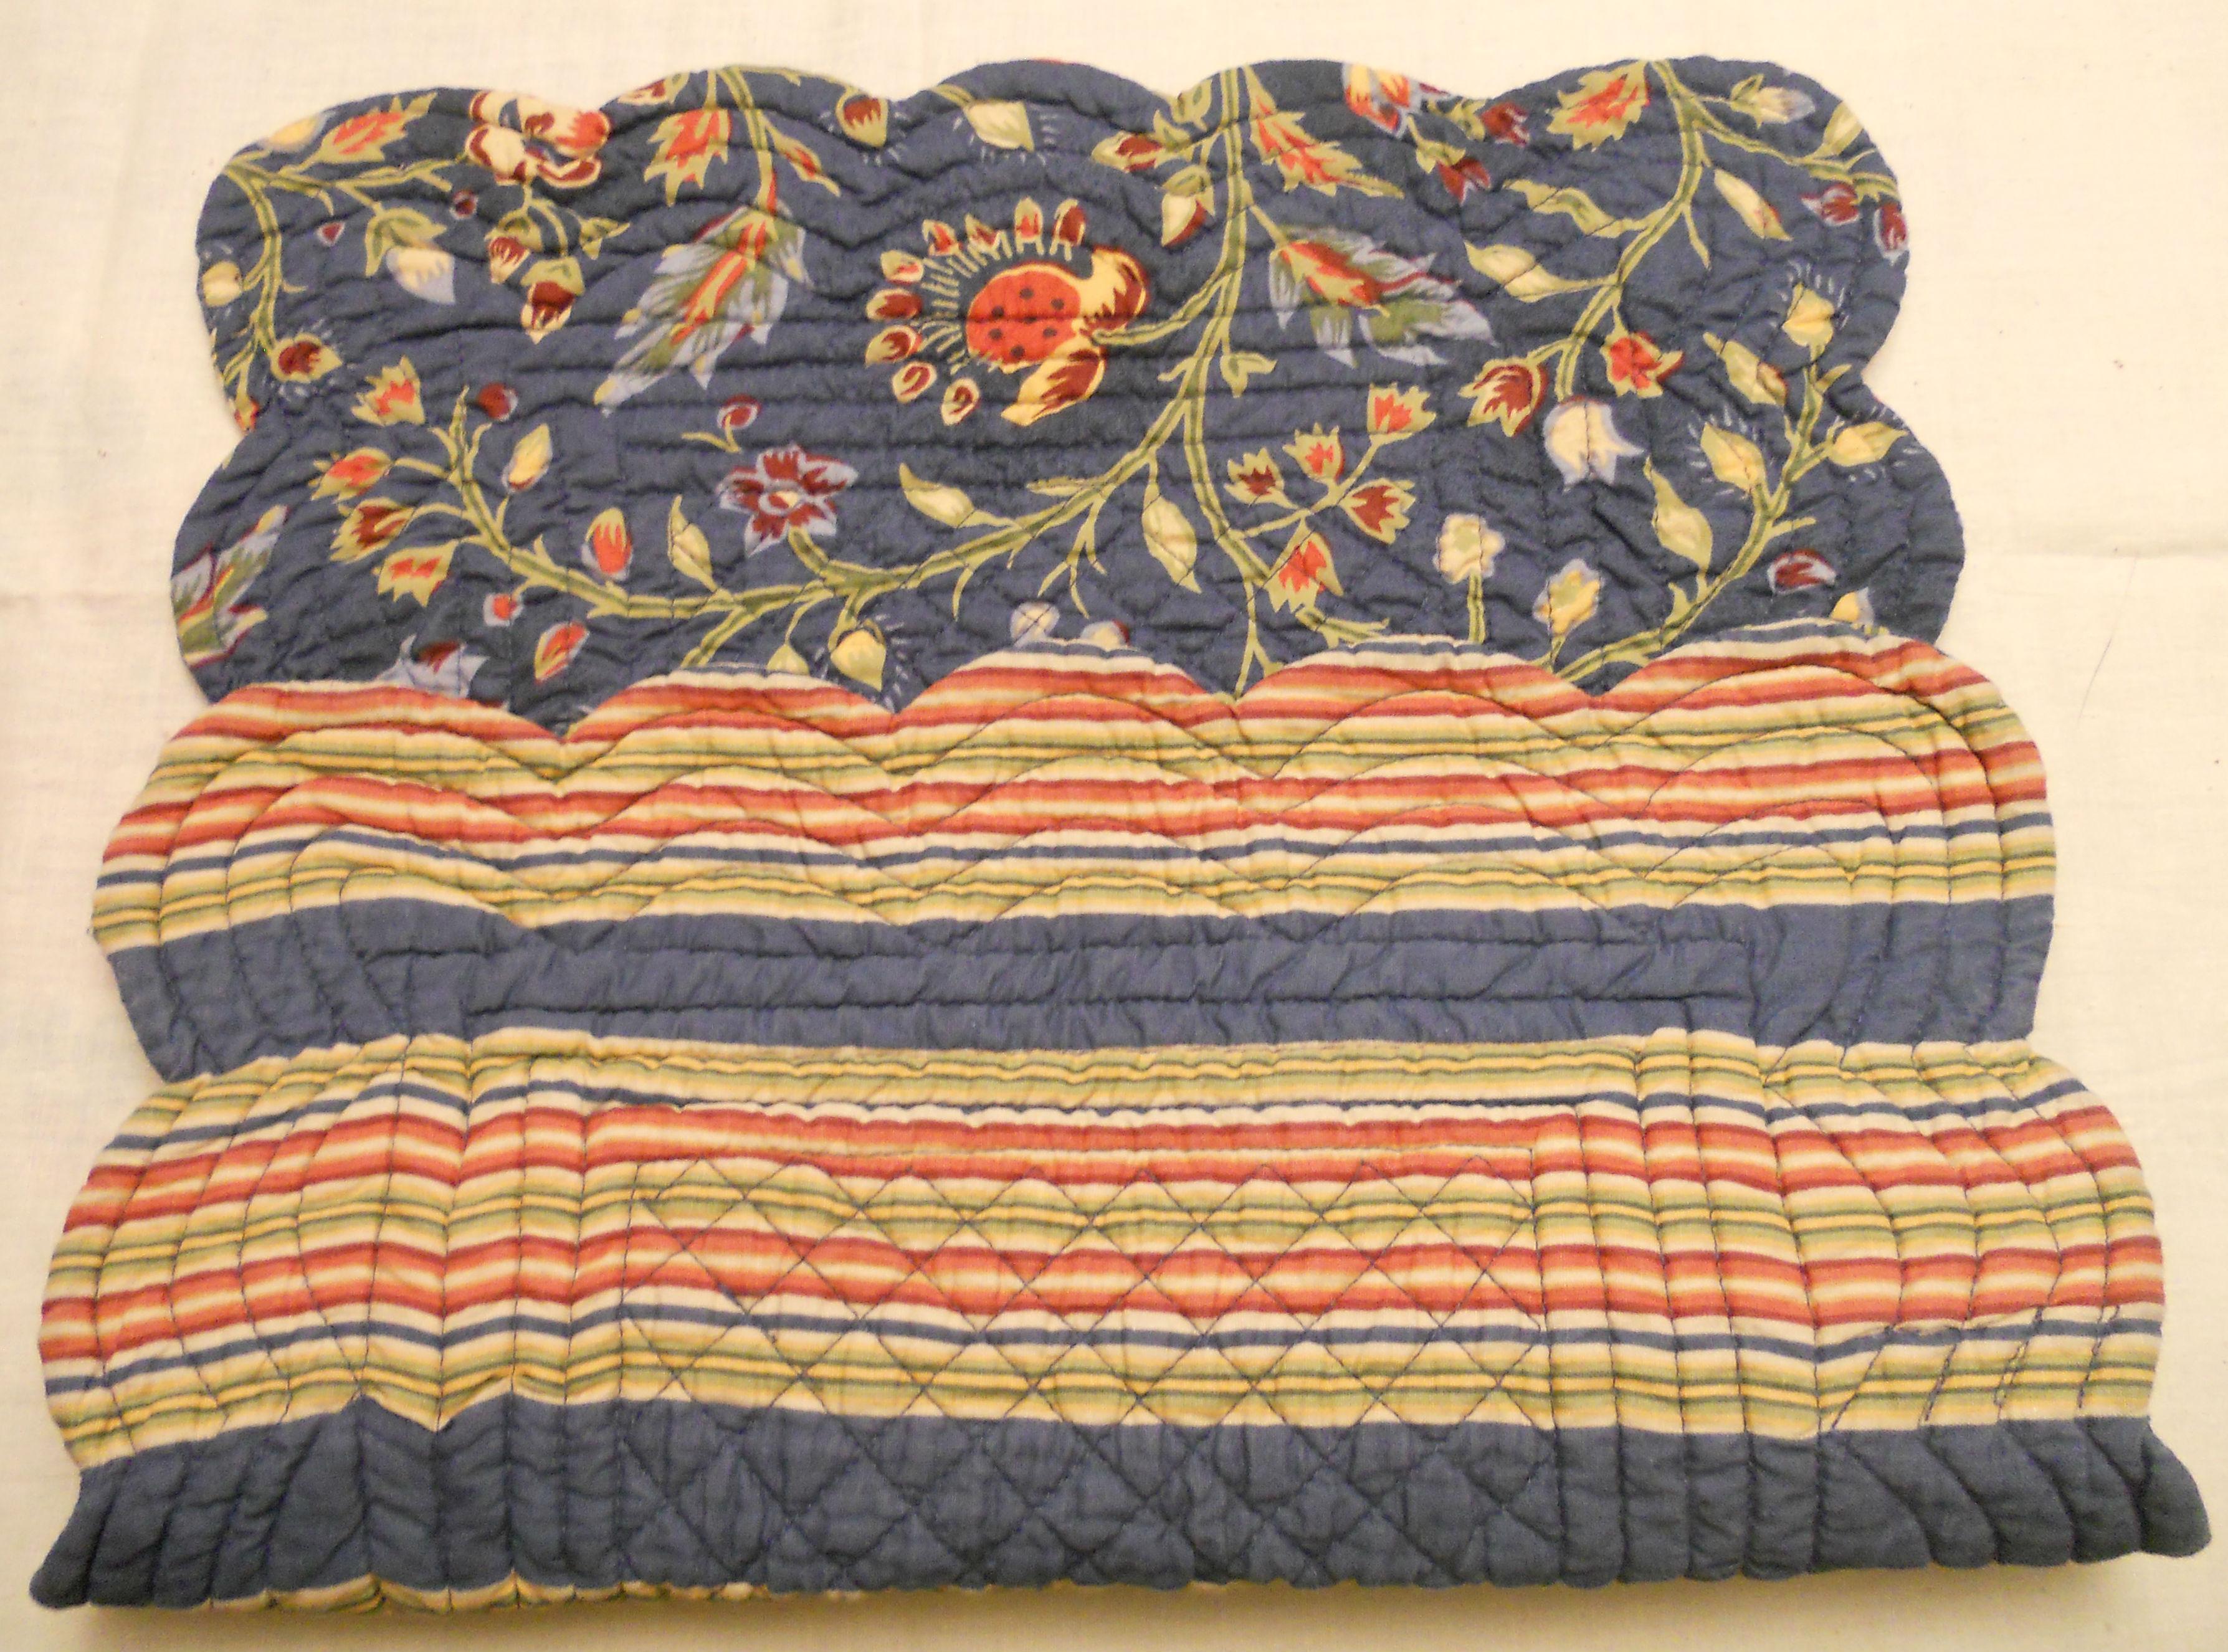 Placemat Pouch Pillows A La Mode